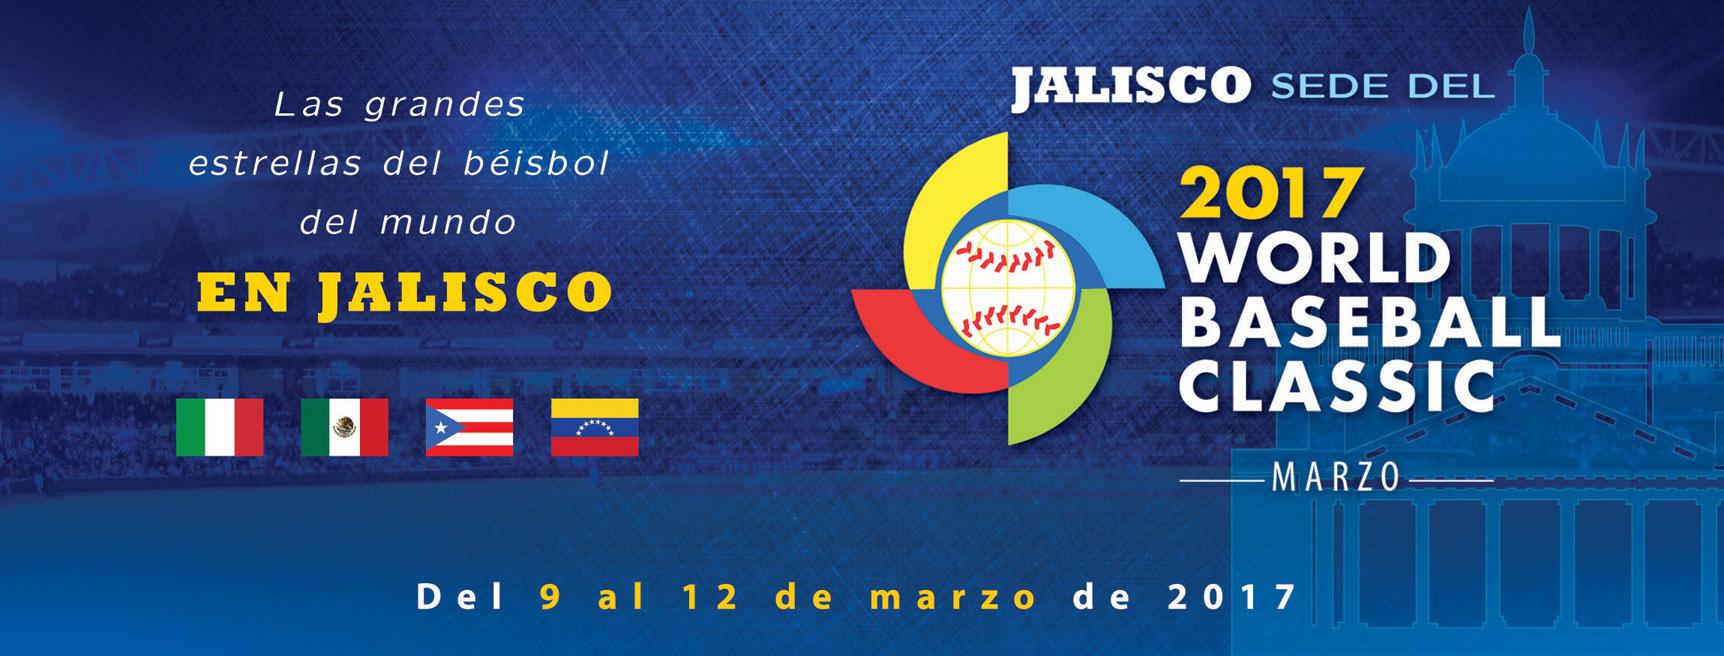 clasio_beisbol